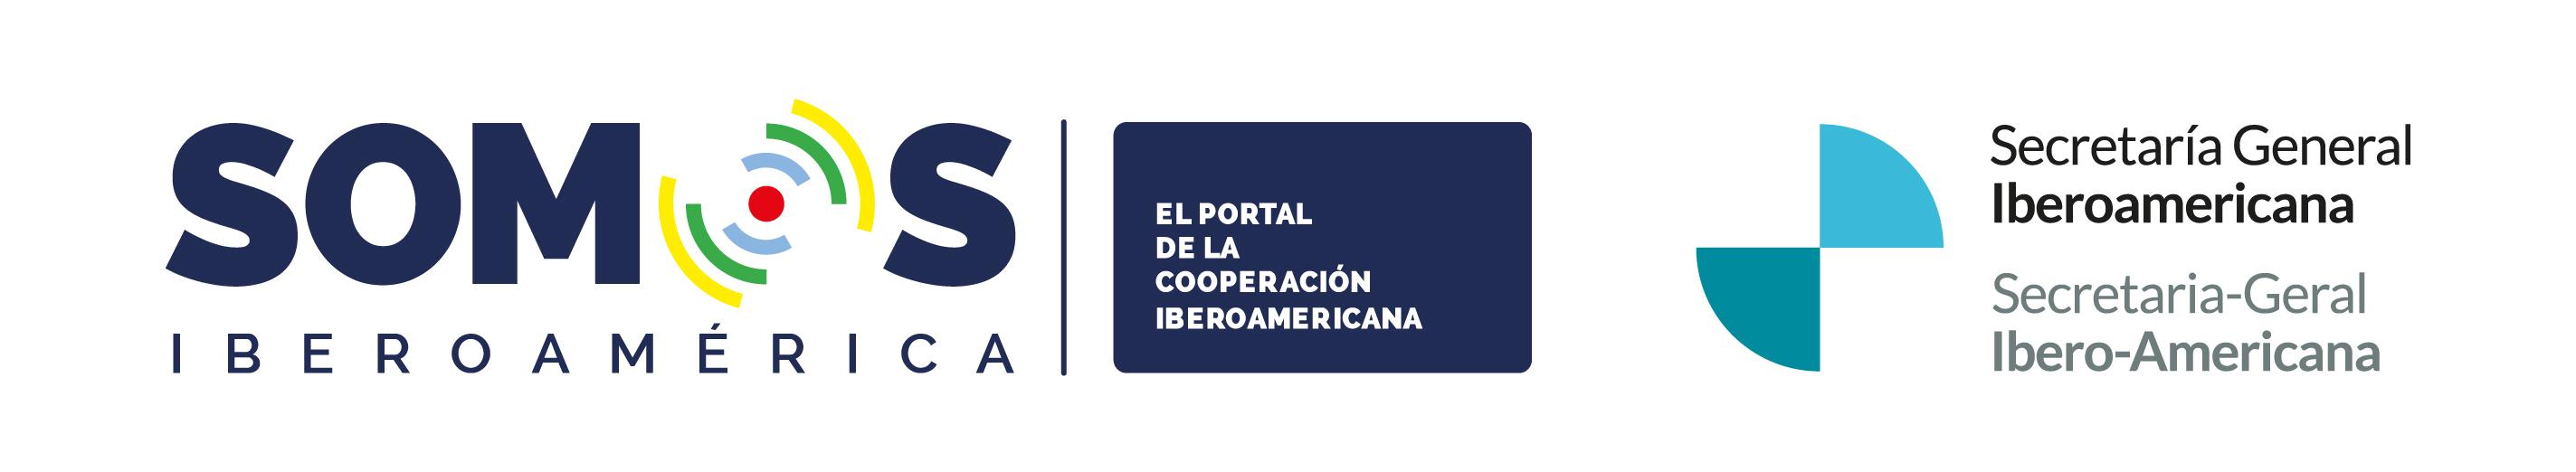 SomosIberoamerica